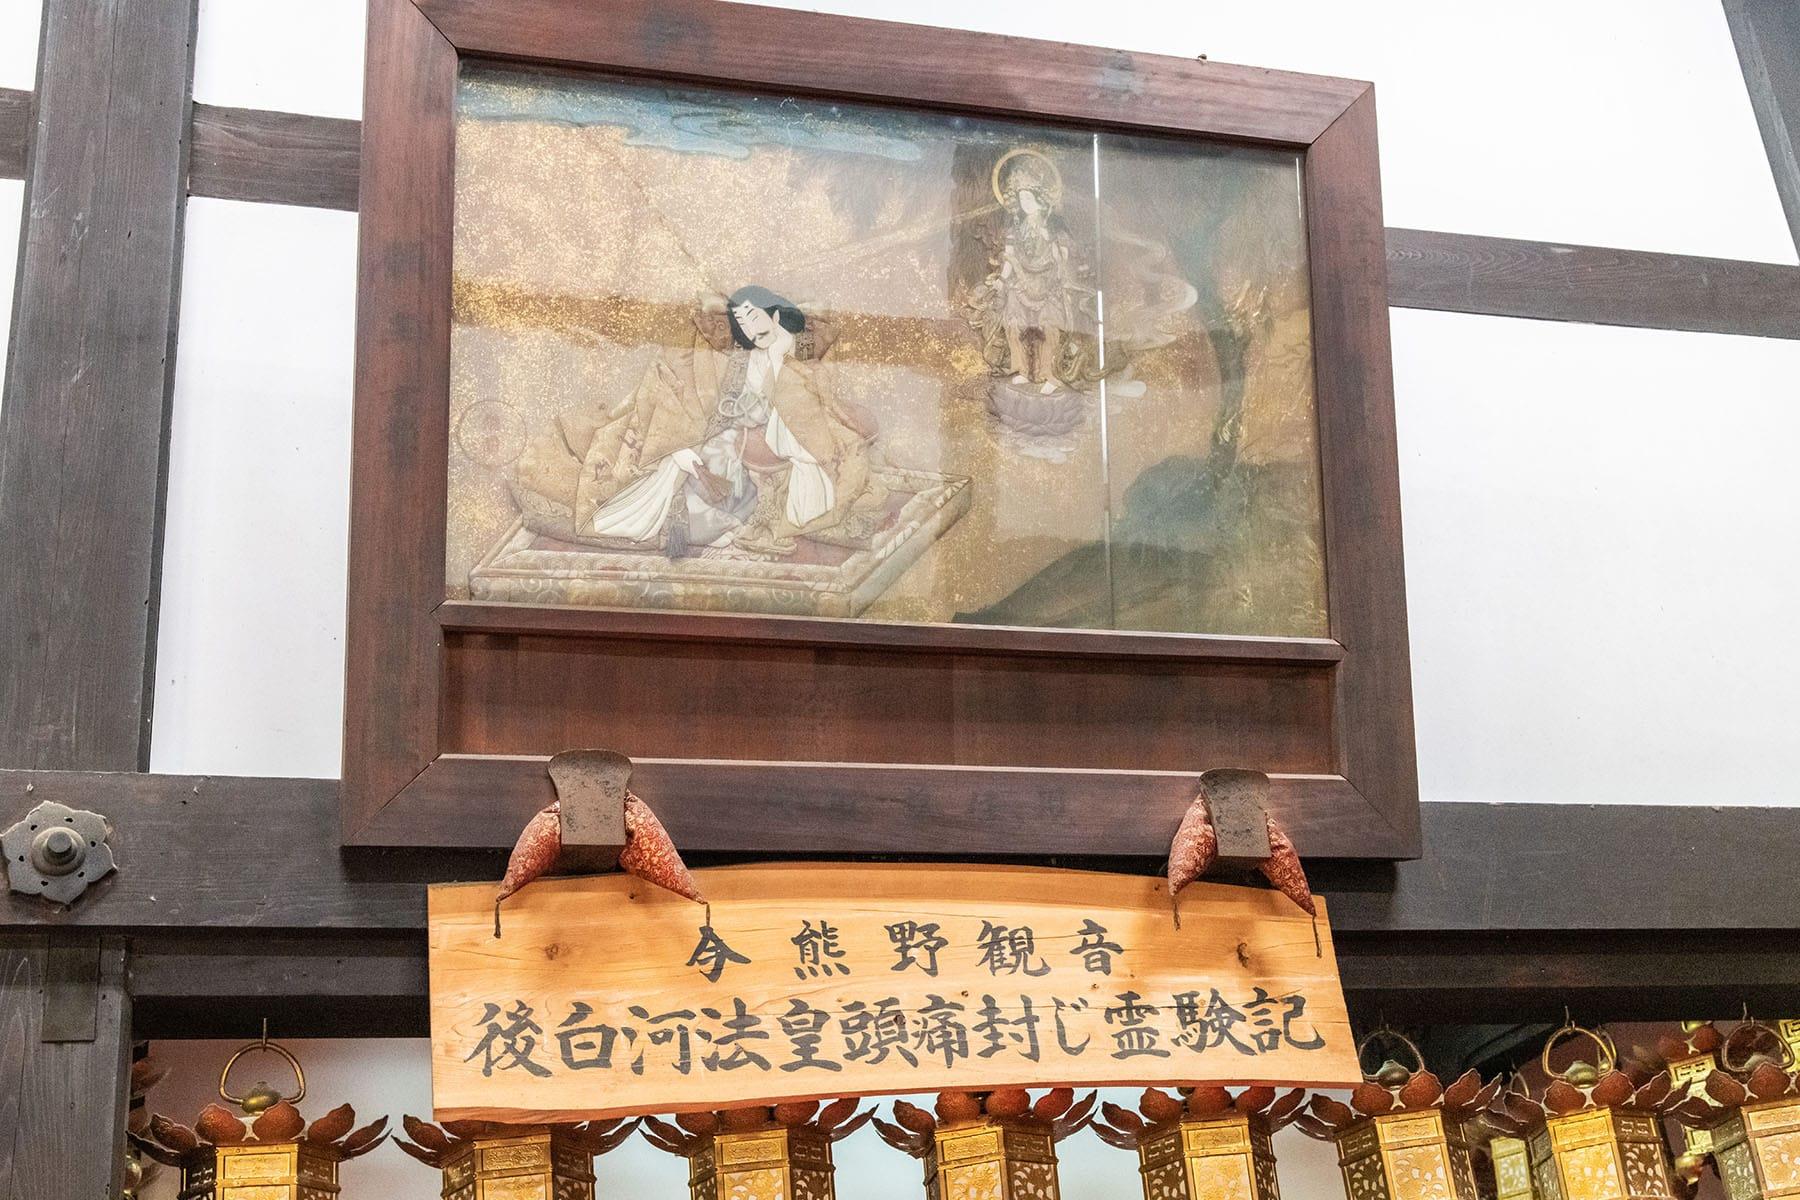 西国札所 第15番【新那智山・観音寺】 | フォトさいたま